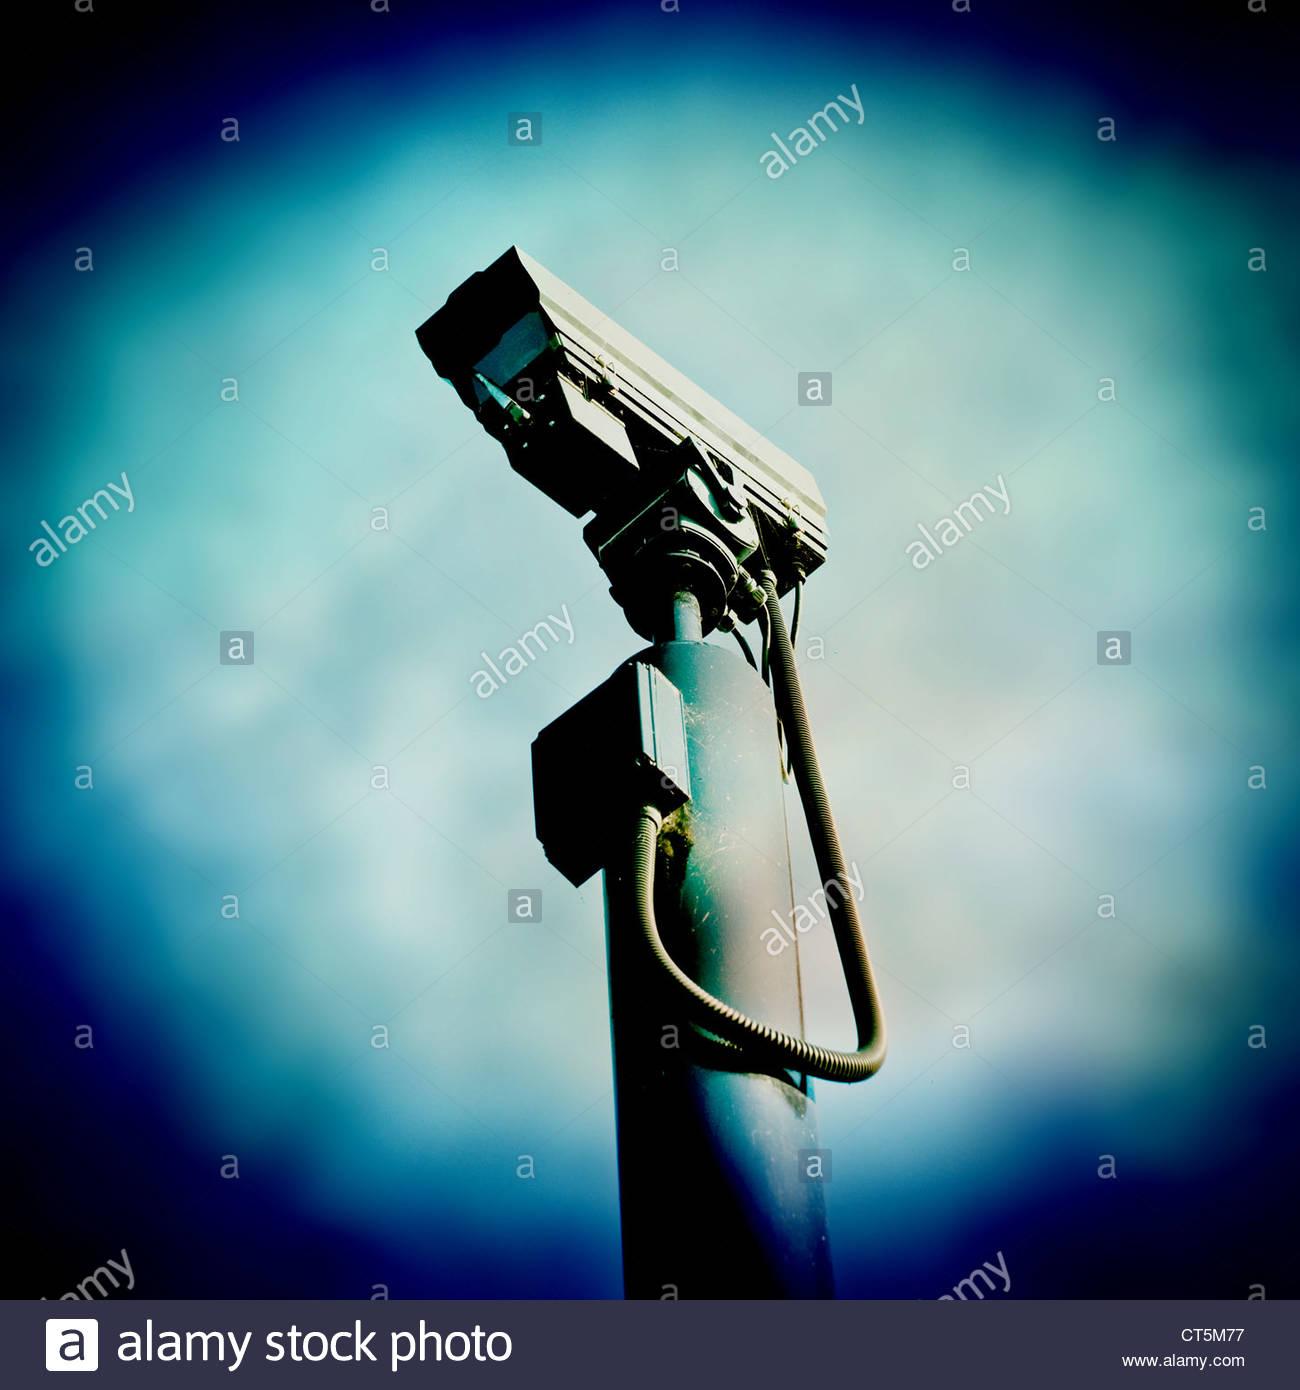 Telecamera di sorveglianza Immagini Stock